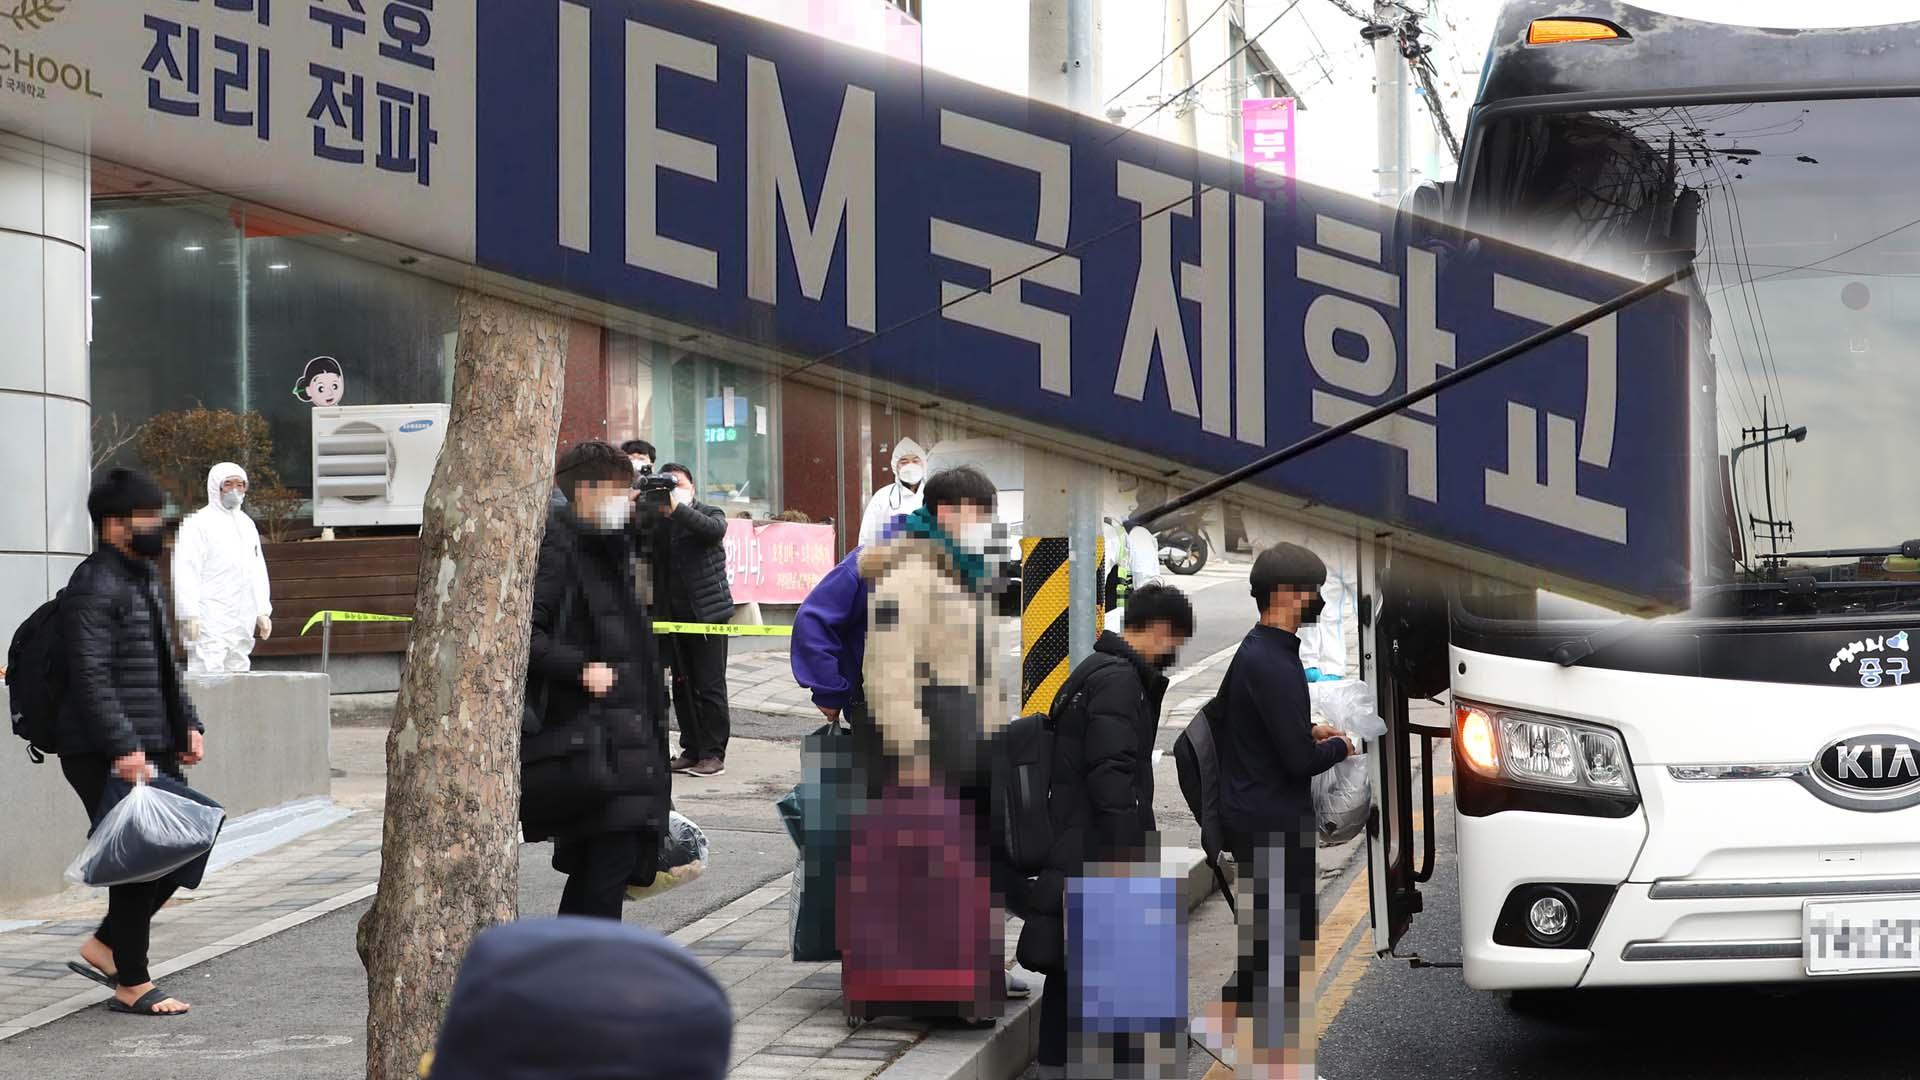 대전 IEM국제학교 130여명 확진…전국 확산 우려